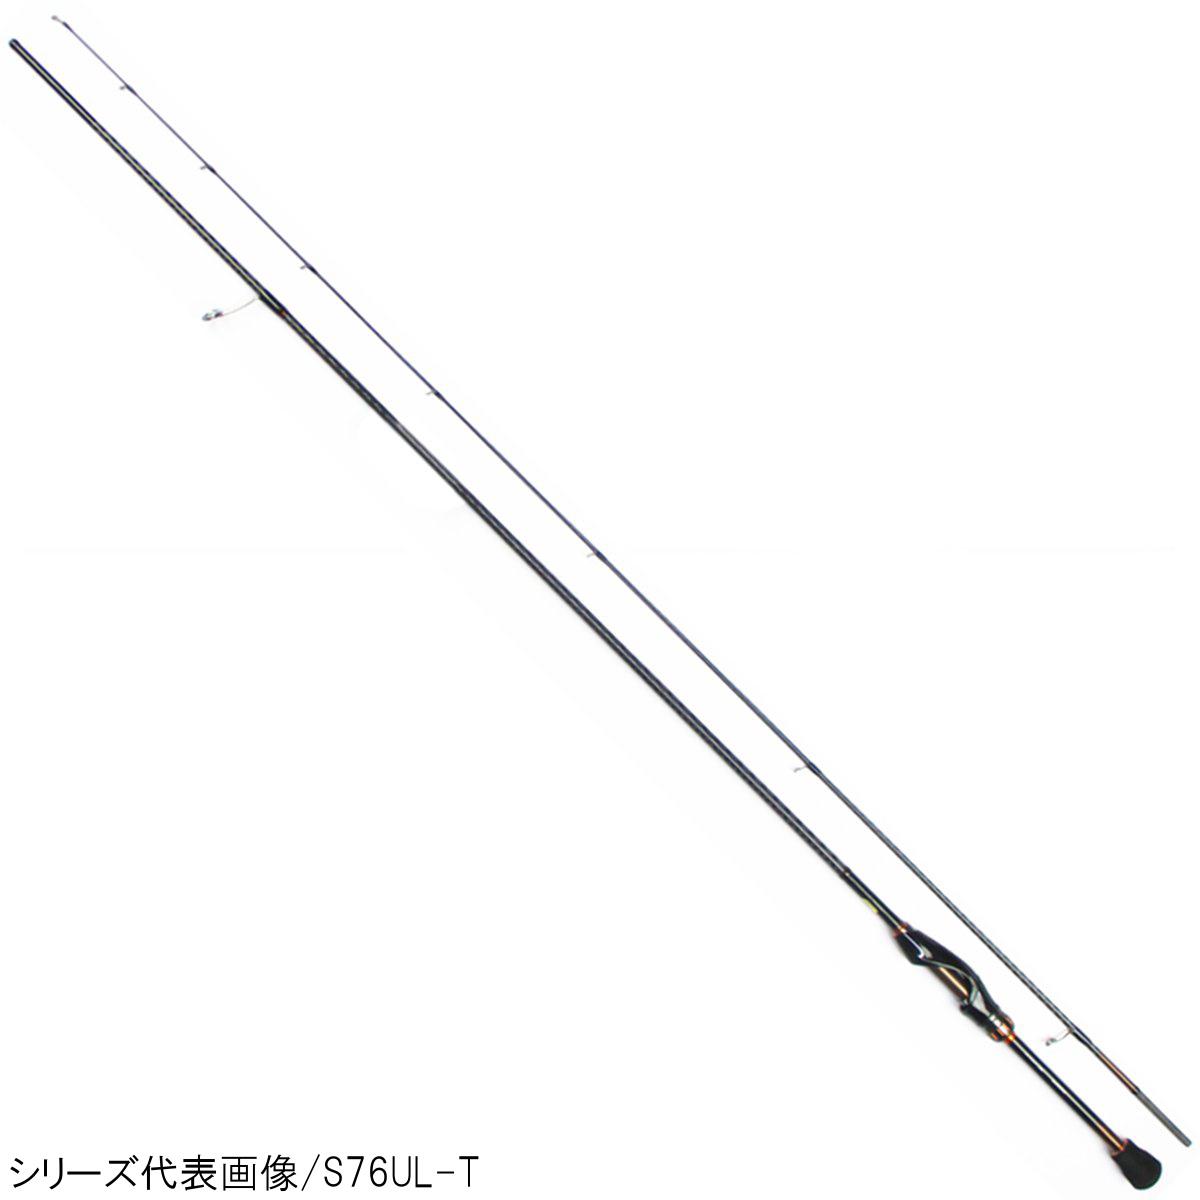 シマノ ソアレ SS S83L-T